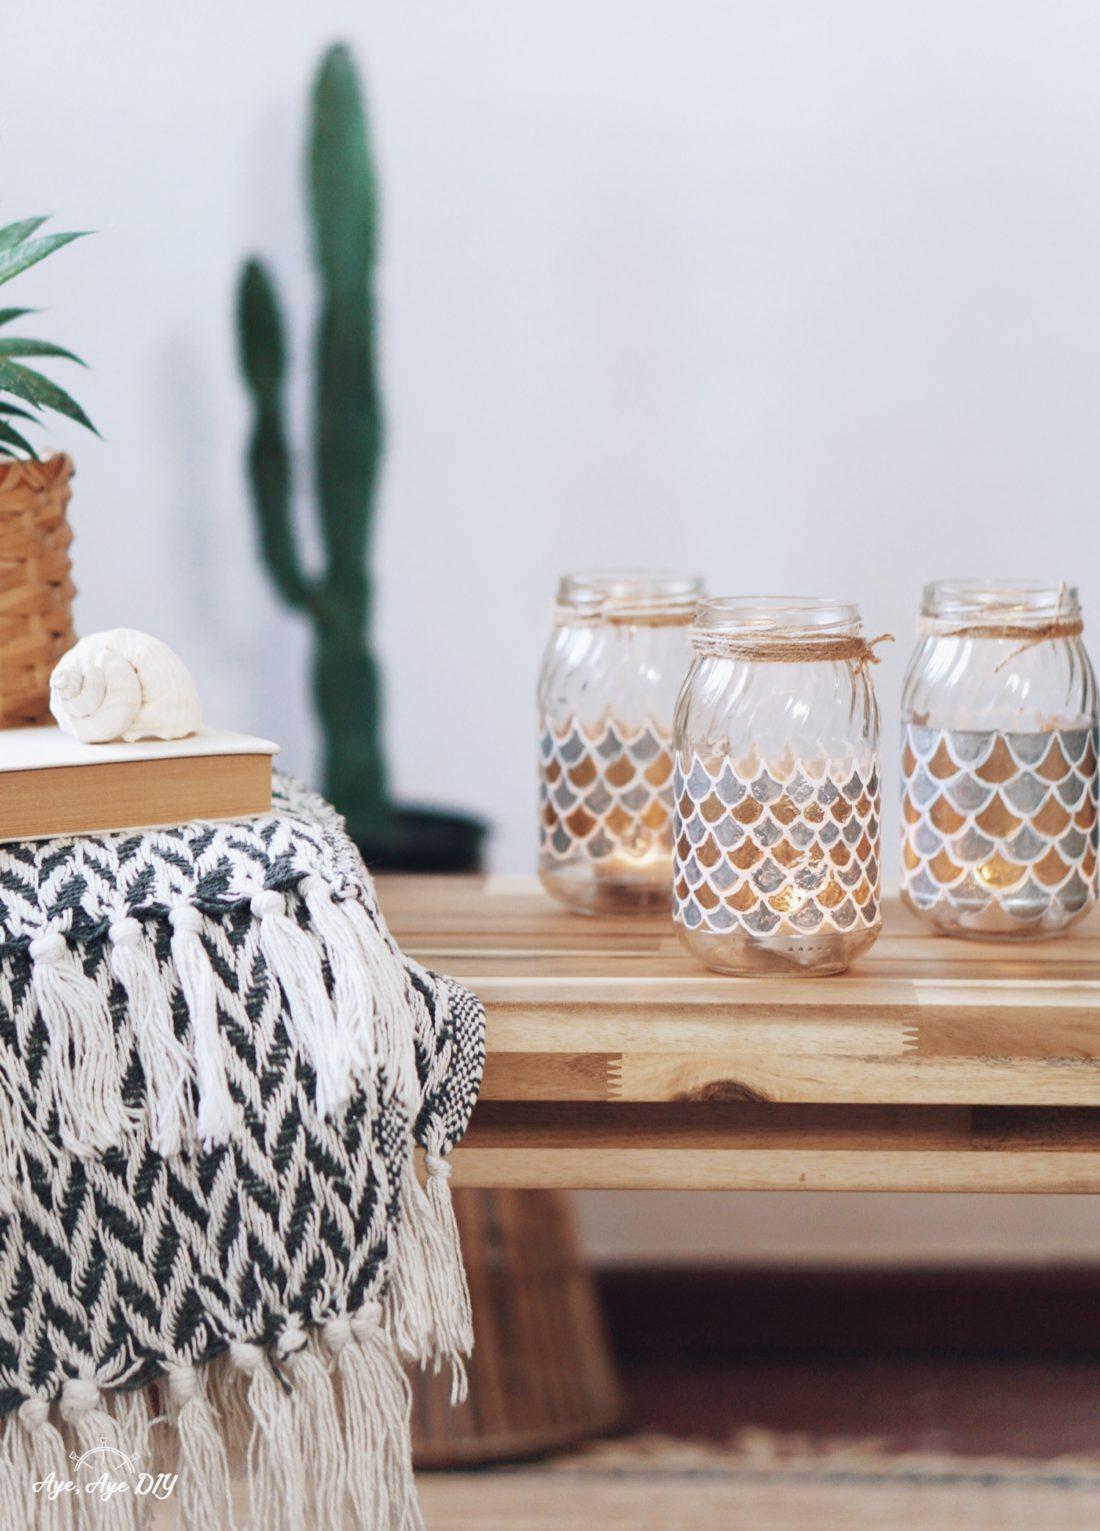 Windlicht Glas selber machen: einfaches DIY Teelicht